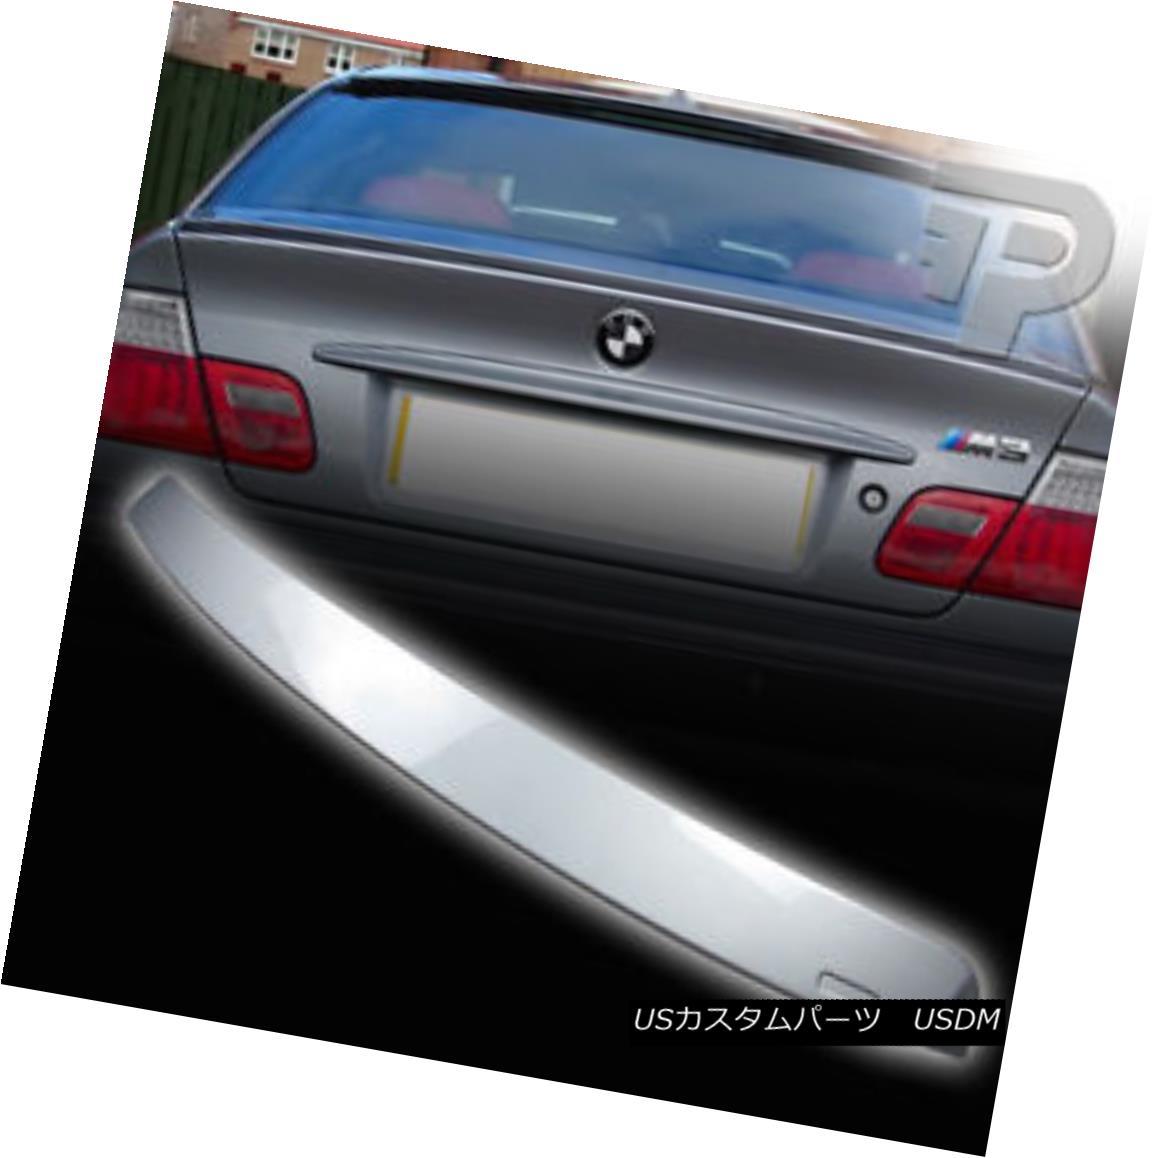 エアロパーツ PAINTED E46 BMW COUPE A STYLE WING ROOF SPOILER REAR 354 SILVER ▼ 塗装されたE46 BMWカップルスタイルのウイングルーフスポイラーリア354シルバー?